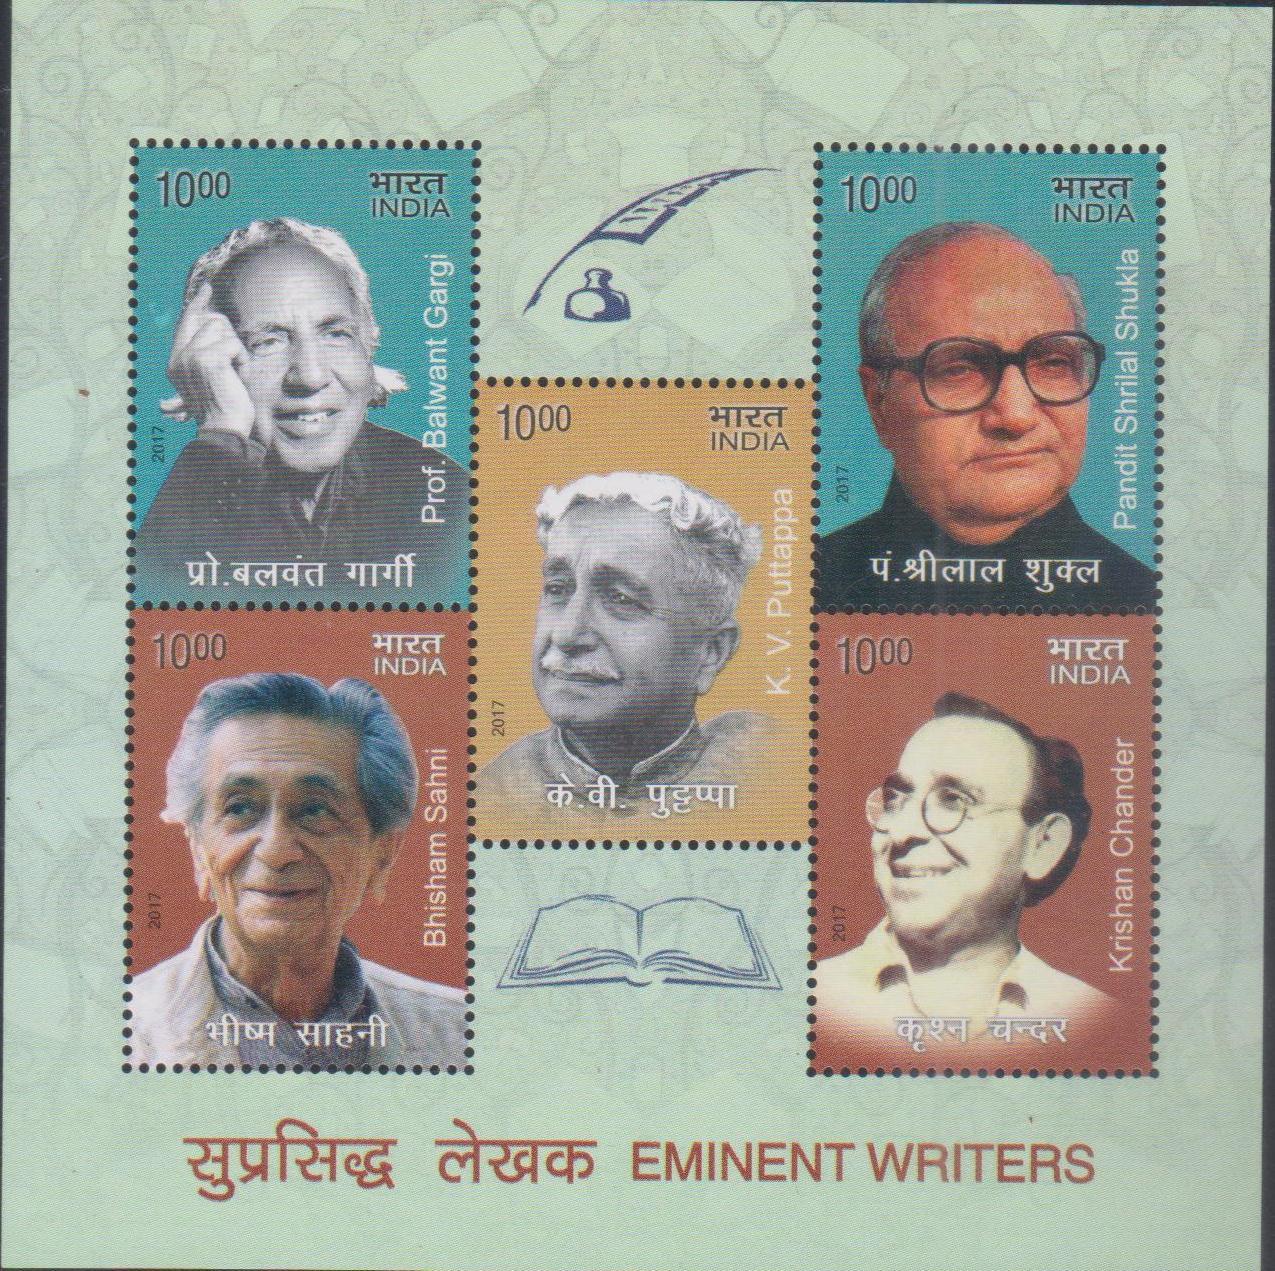 कृष्ण चंदर, भीष्म साहनी, श्रीलाल शुक्ल, कुवेम्पु, बलवंत गार्गी